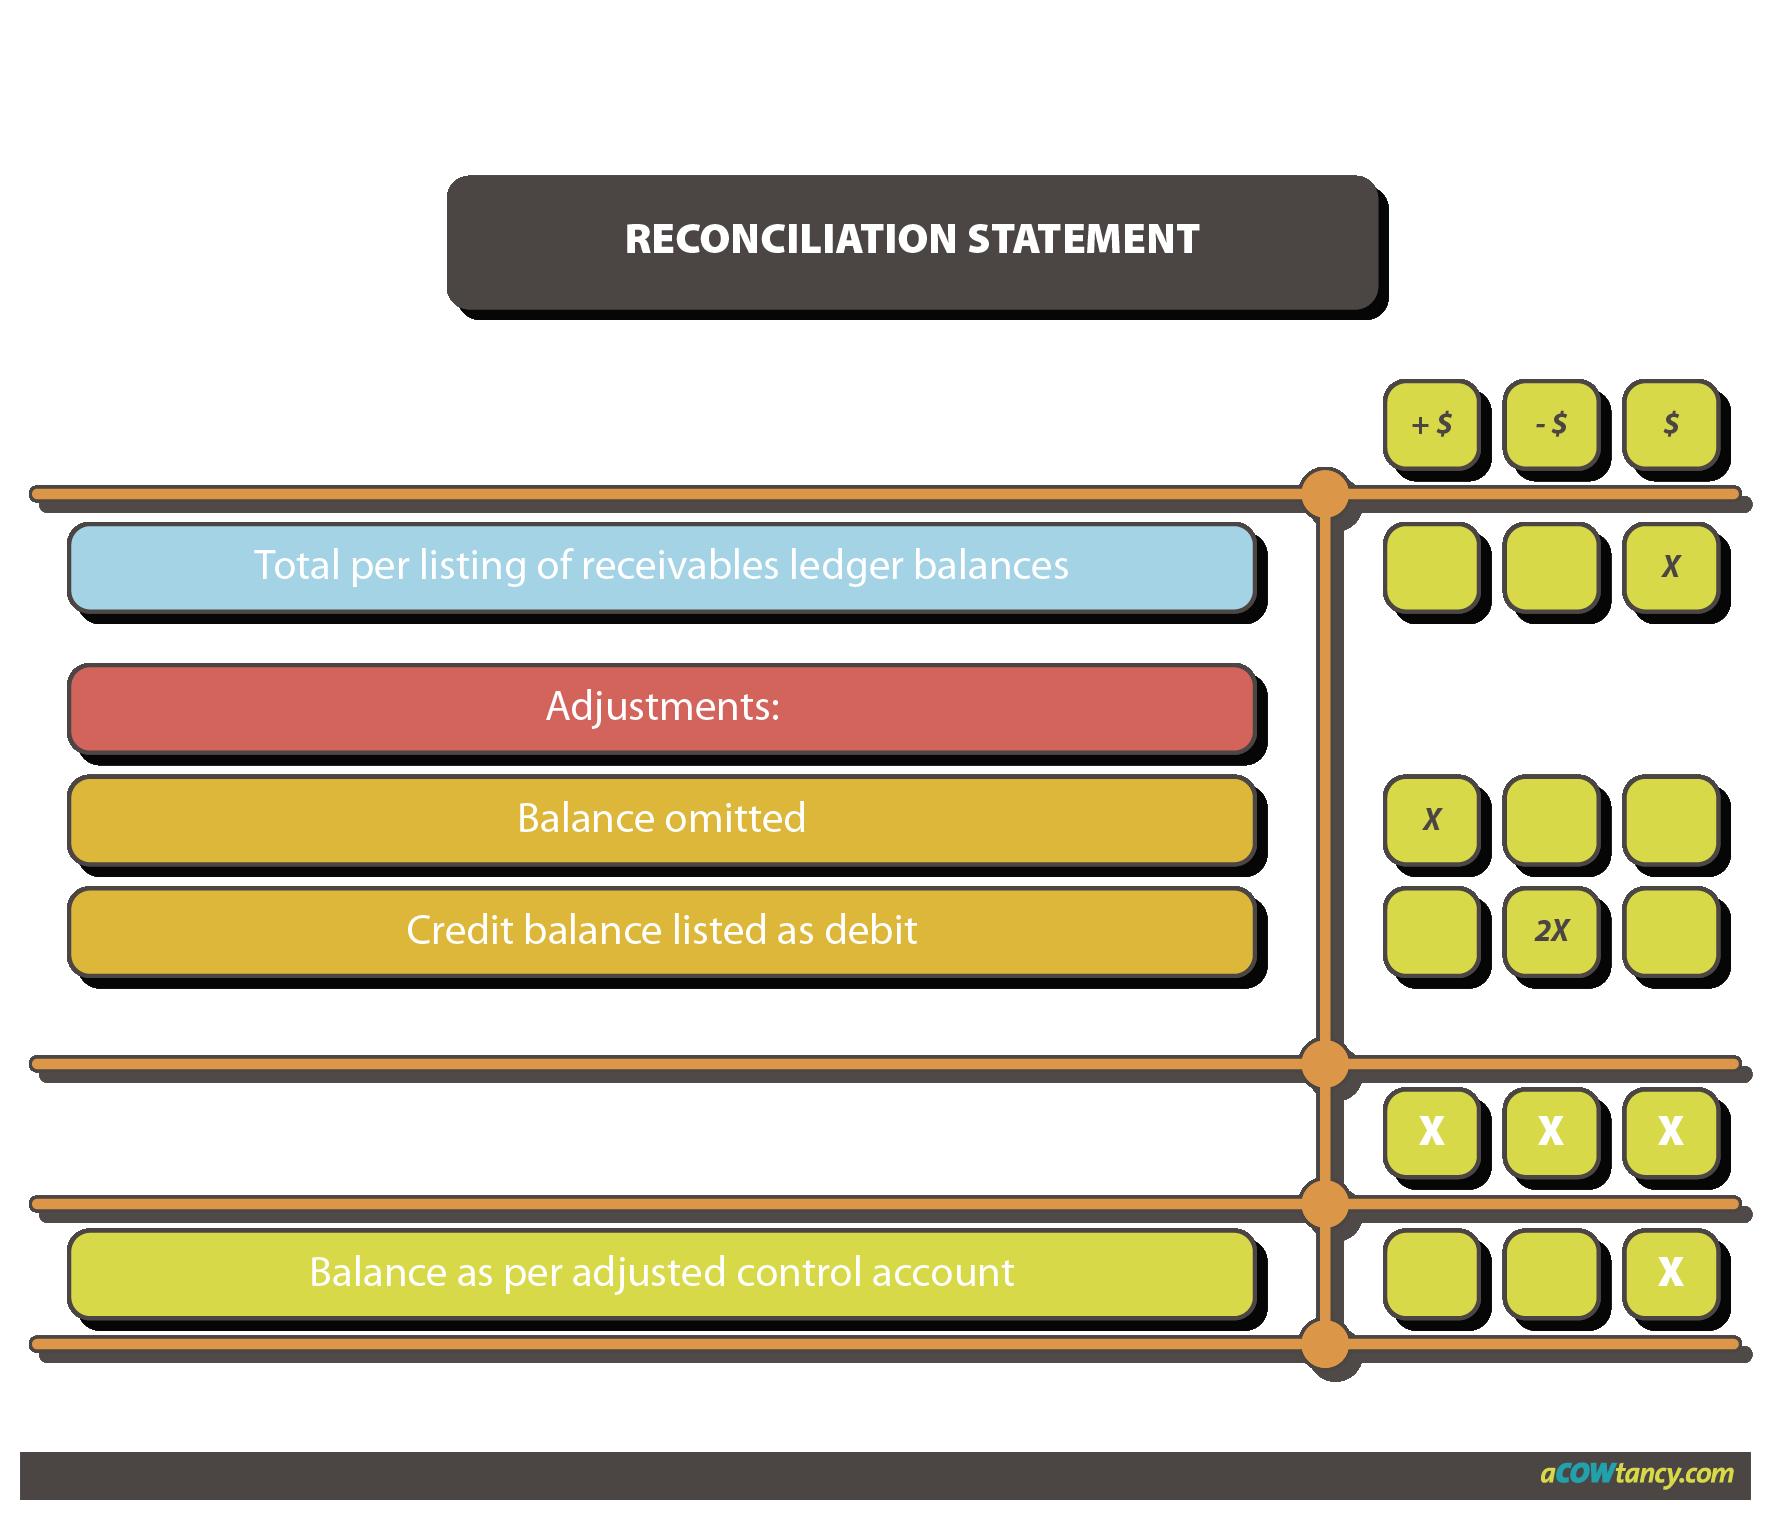 ACCA FA E3f reconciliation statement graph